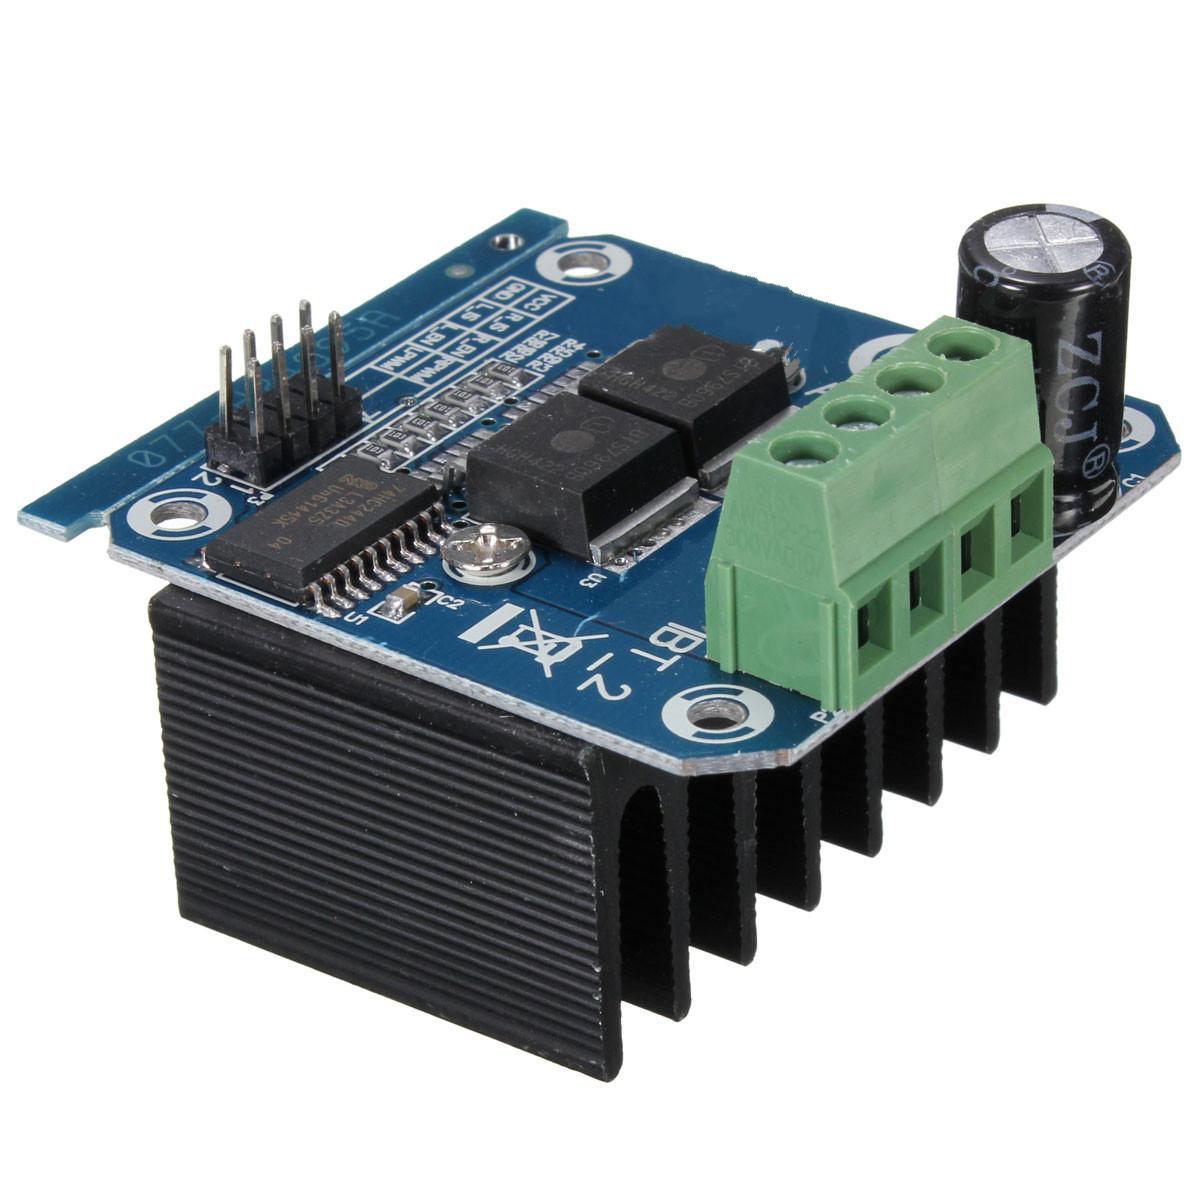 A h bridge drive pwm for arduino semiconductor bts b